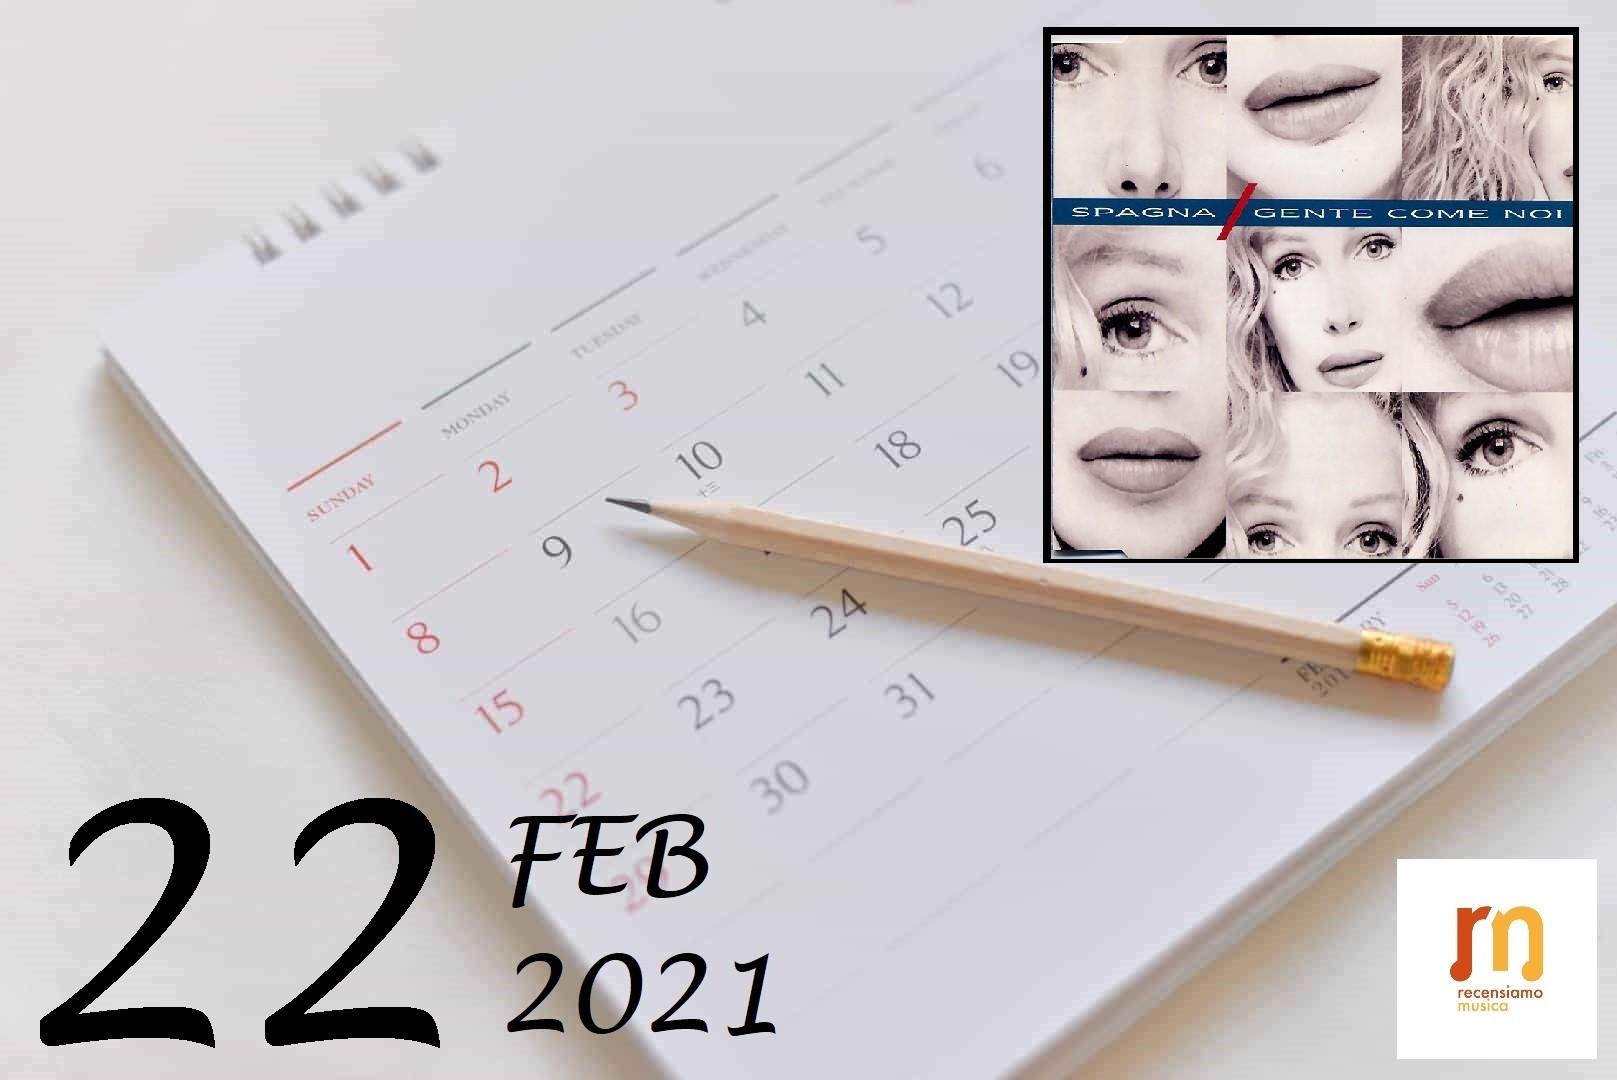 22 febbraio